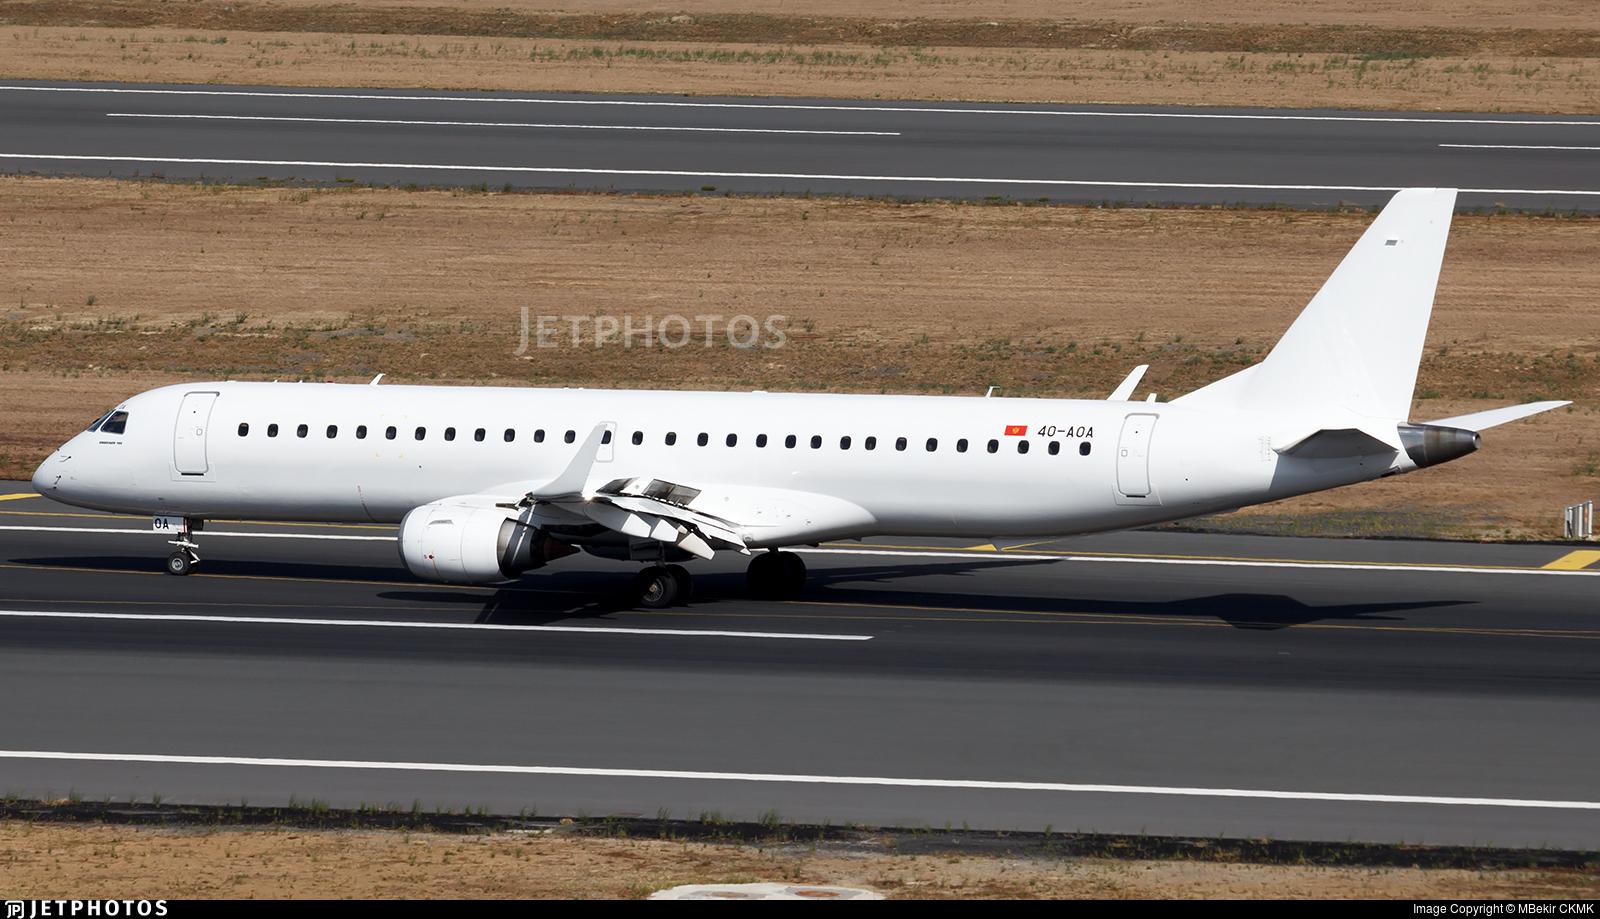 4O-AOA - Embraer 190-200LR - Air Montenegro